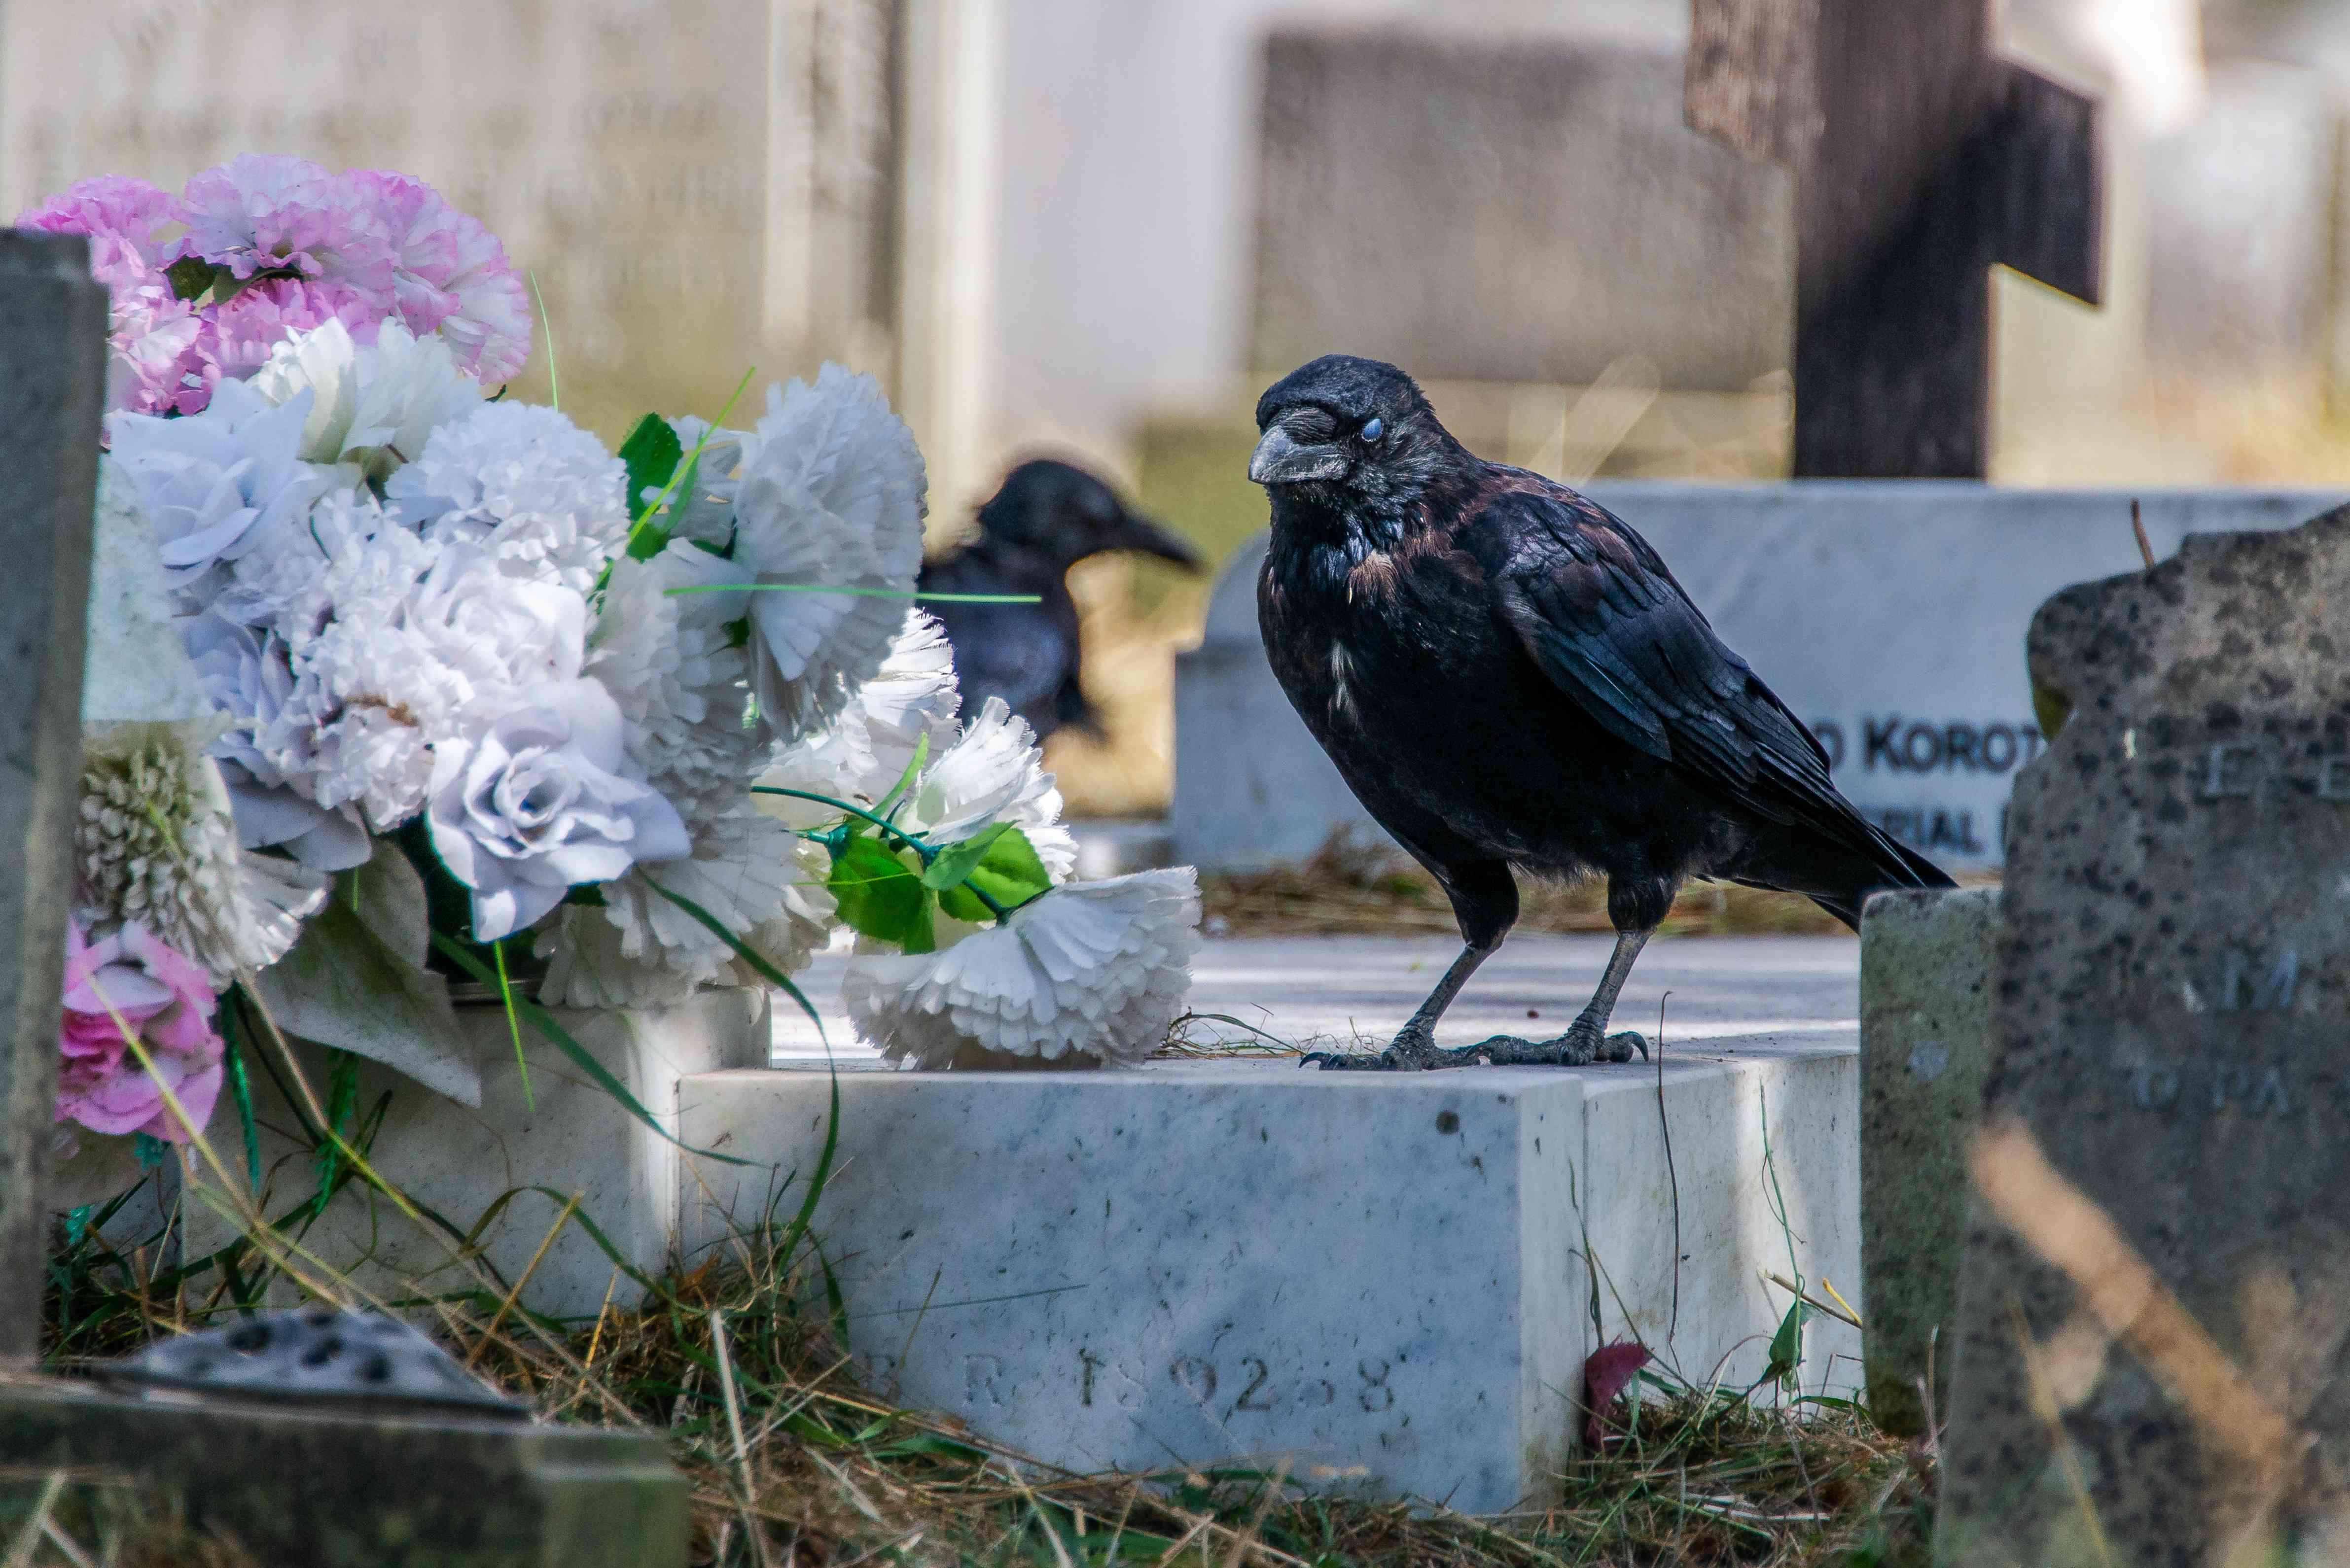 crows at a graveyard